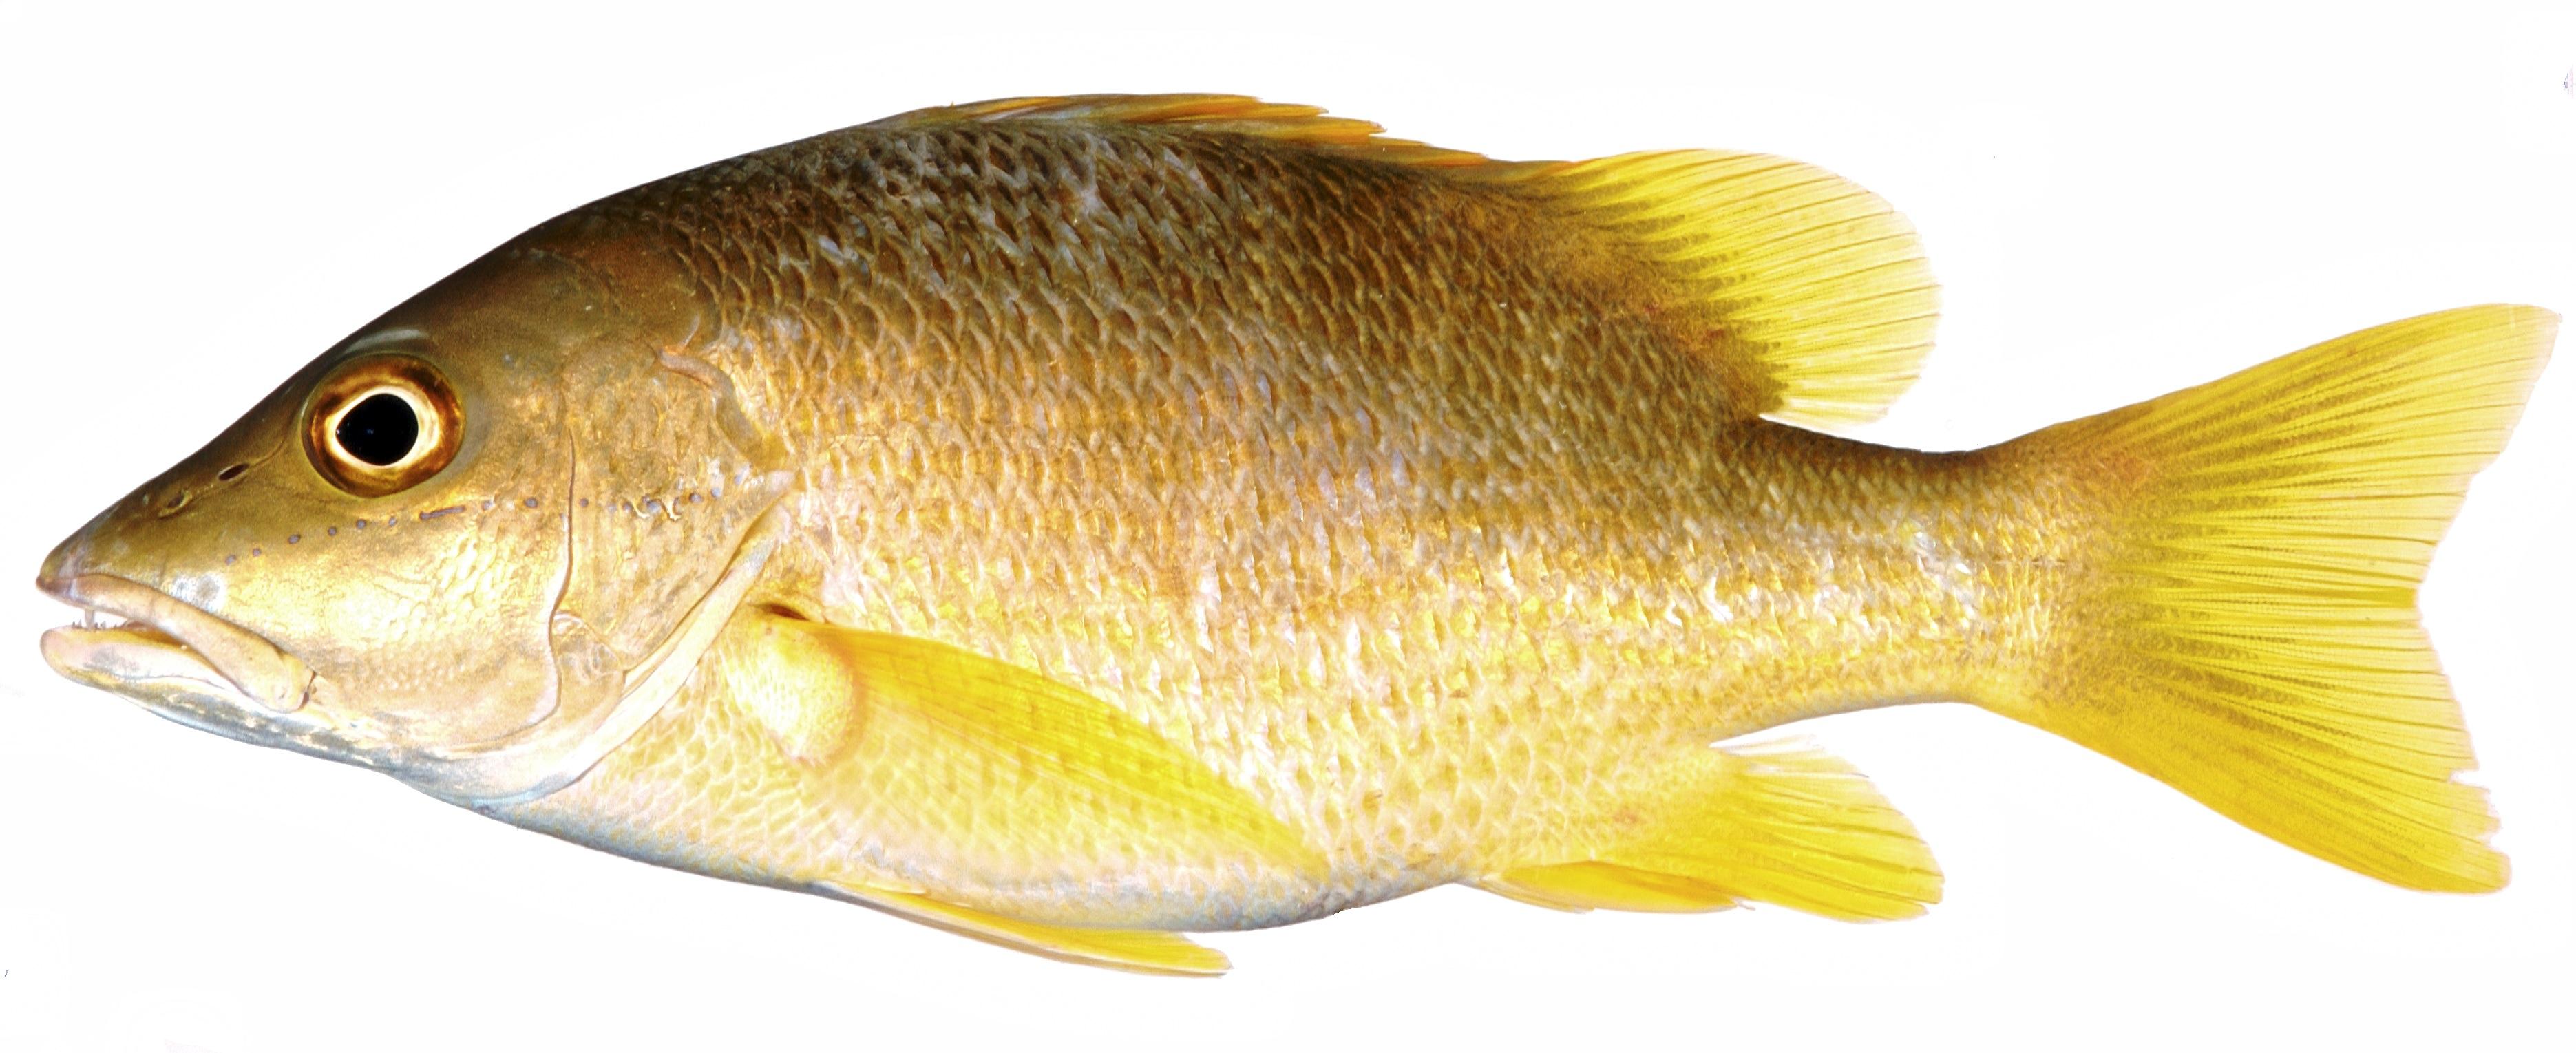 Fotos gratis : perca, pescado, bajo, vertebrado, pez de colores ...